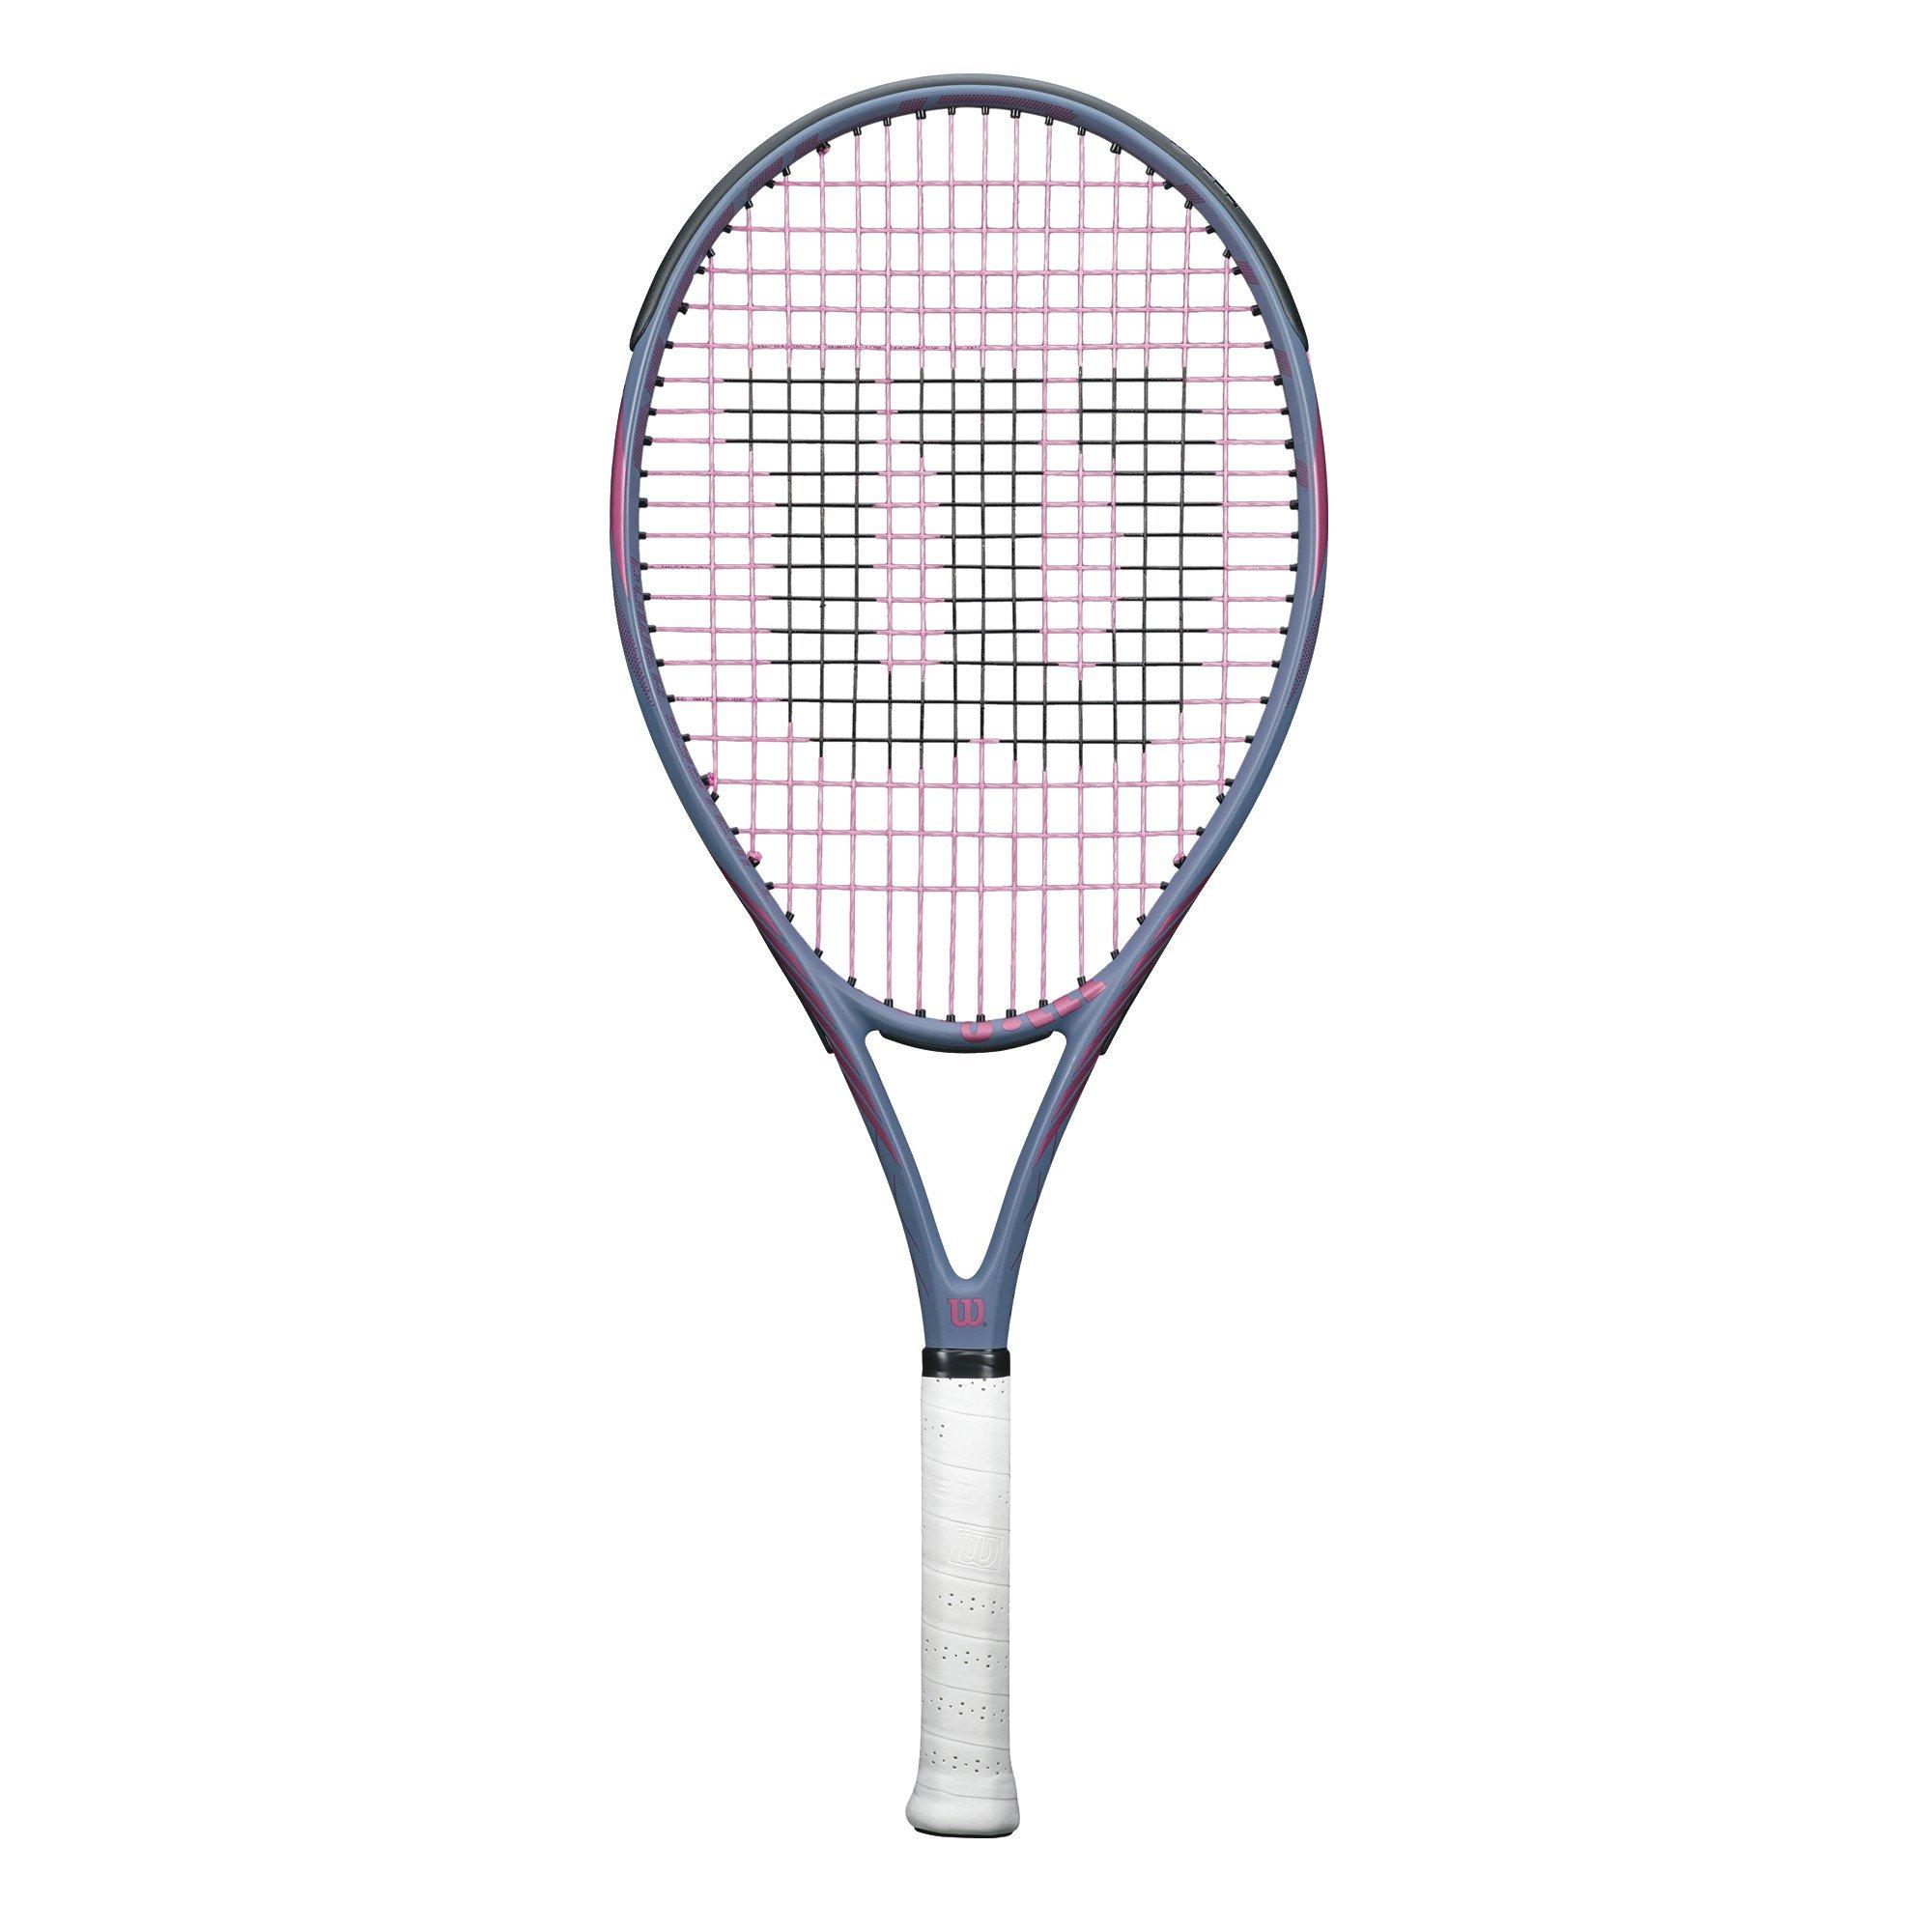 Wilson Hyperion PowerX 1 Tennis Racquet, Grey/Pink, 4 1/4''